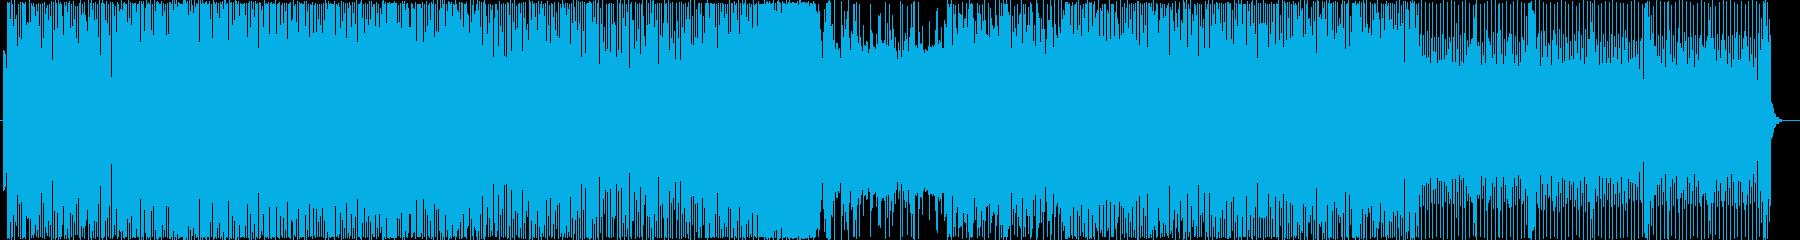 EDM風  本気を感じるBGMの再生済みの波形